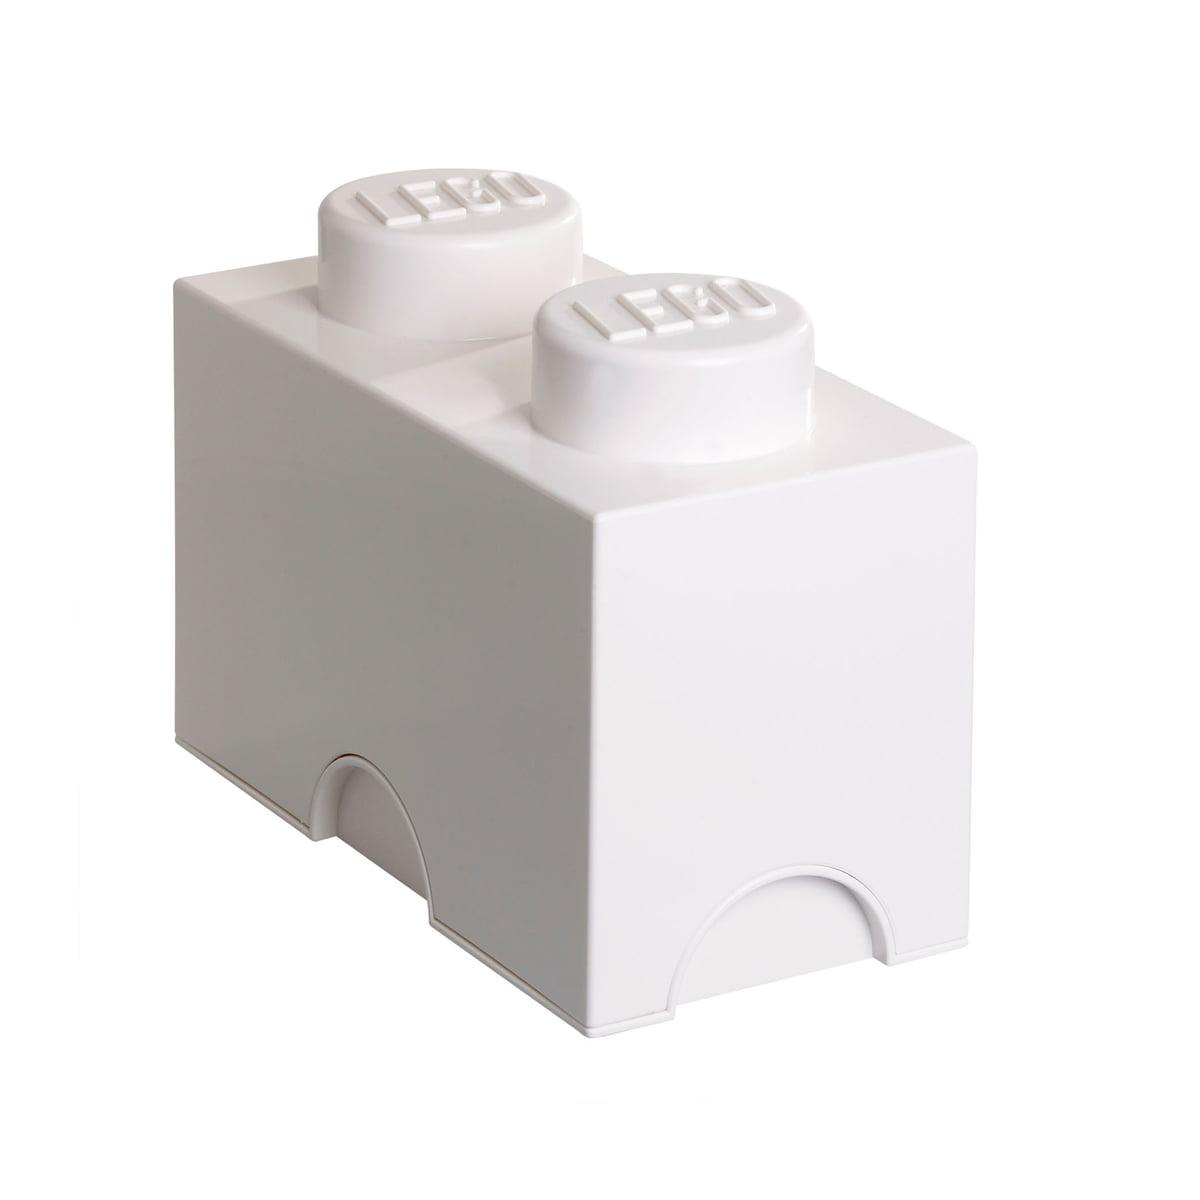 Lego - Storage Brick 2, weiß | Kinderzimmer > Spielzeuge | Weiß | Lego